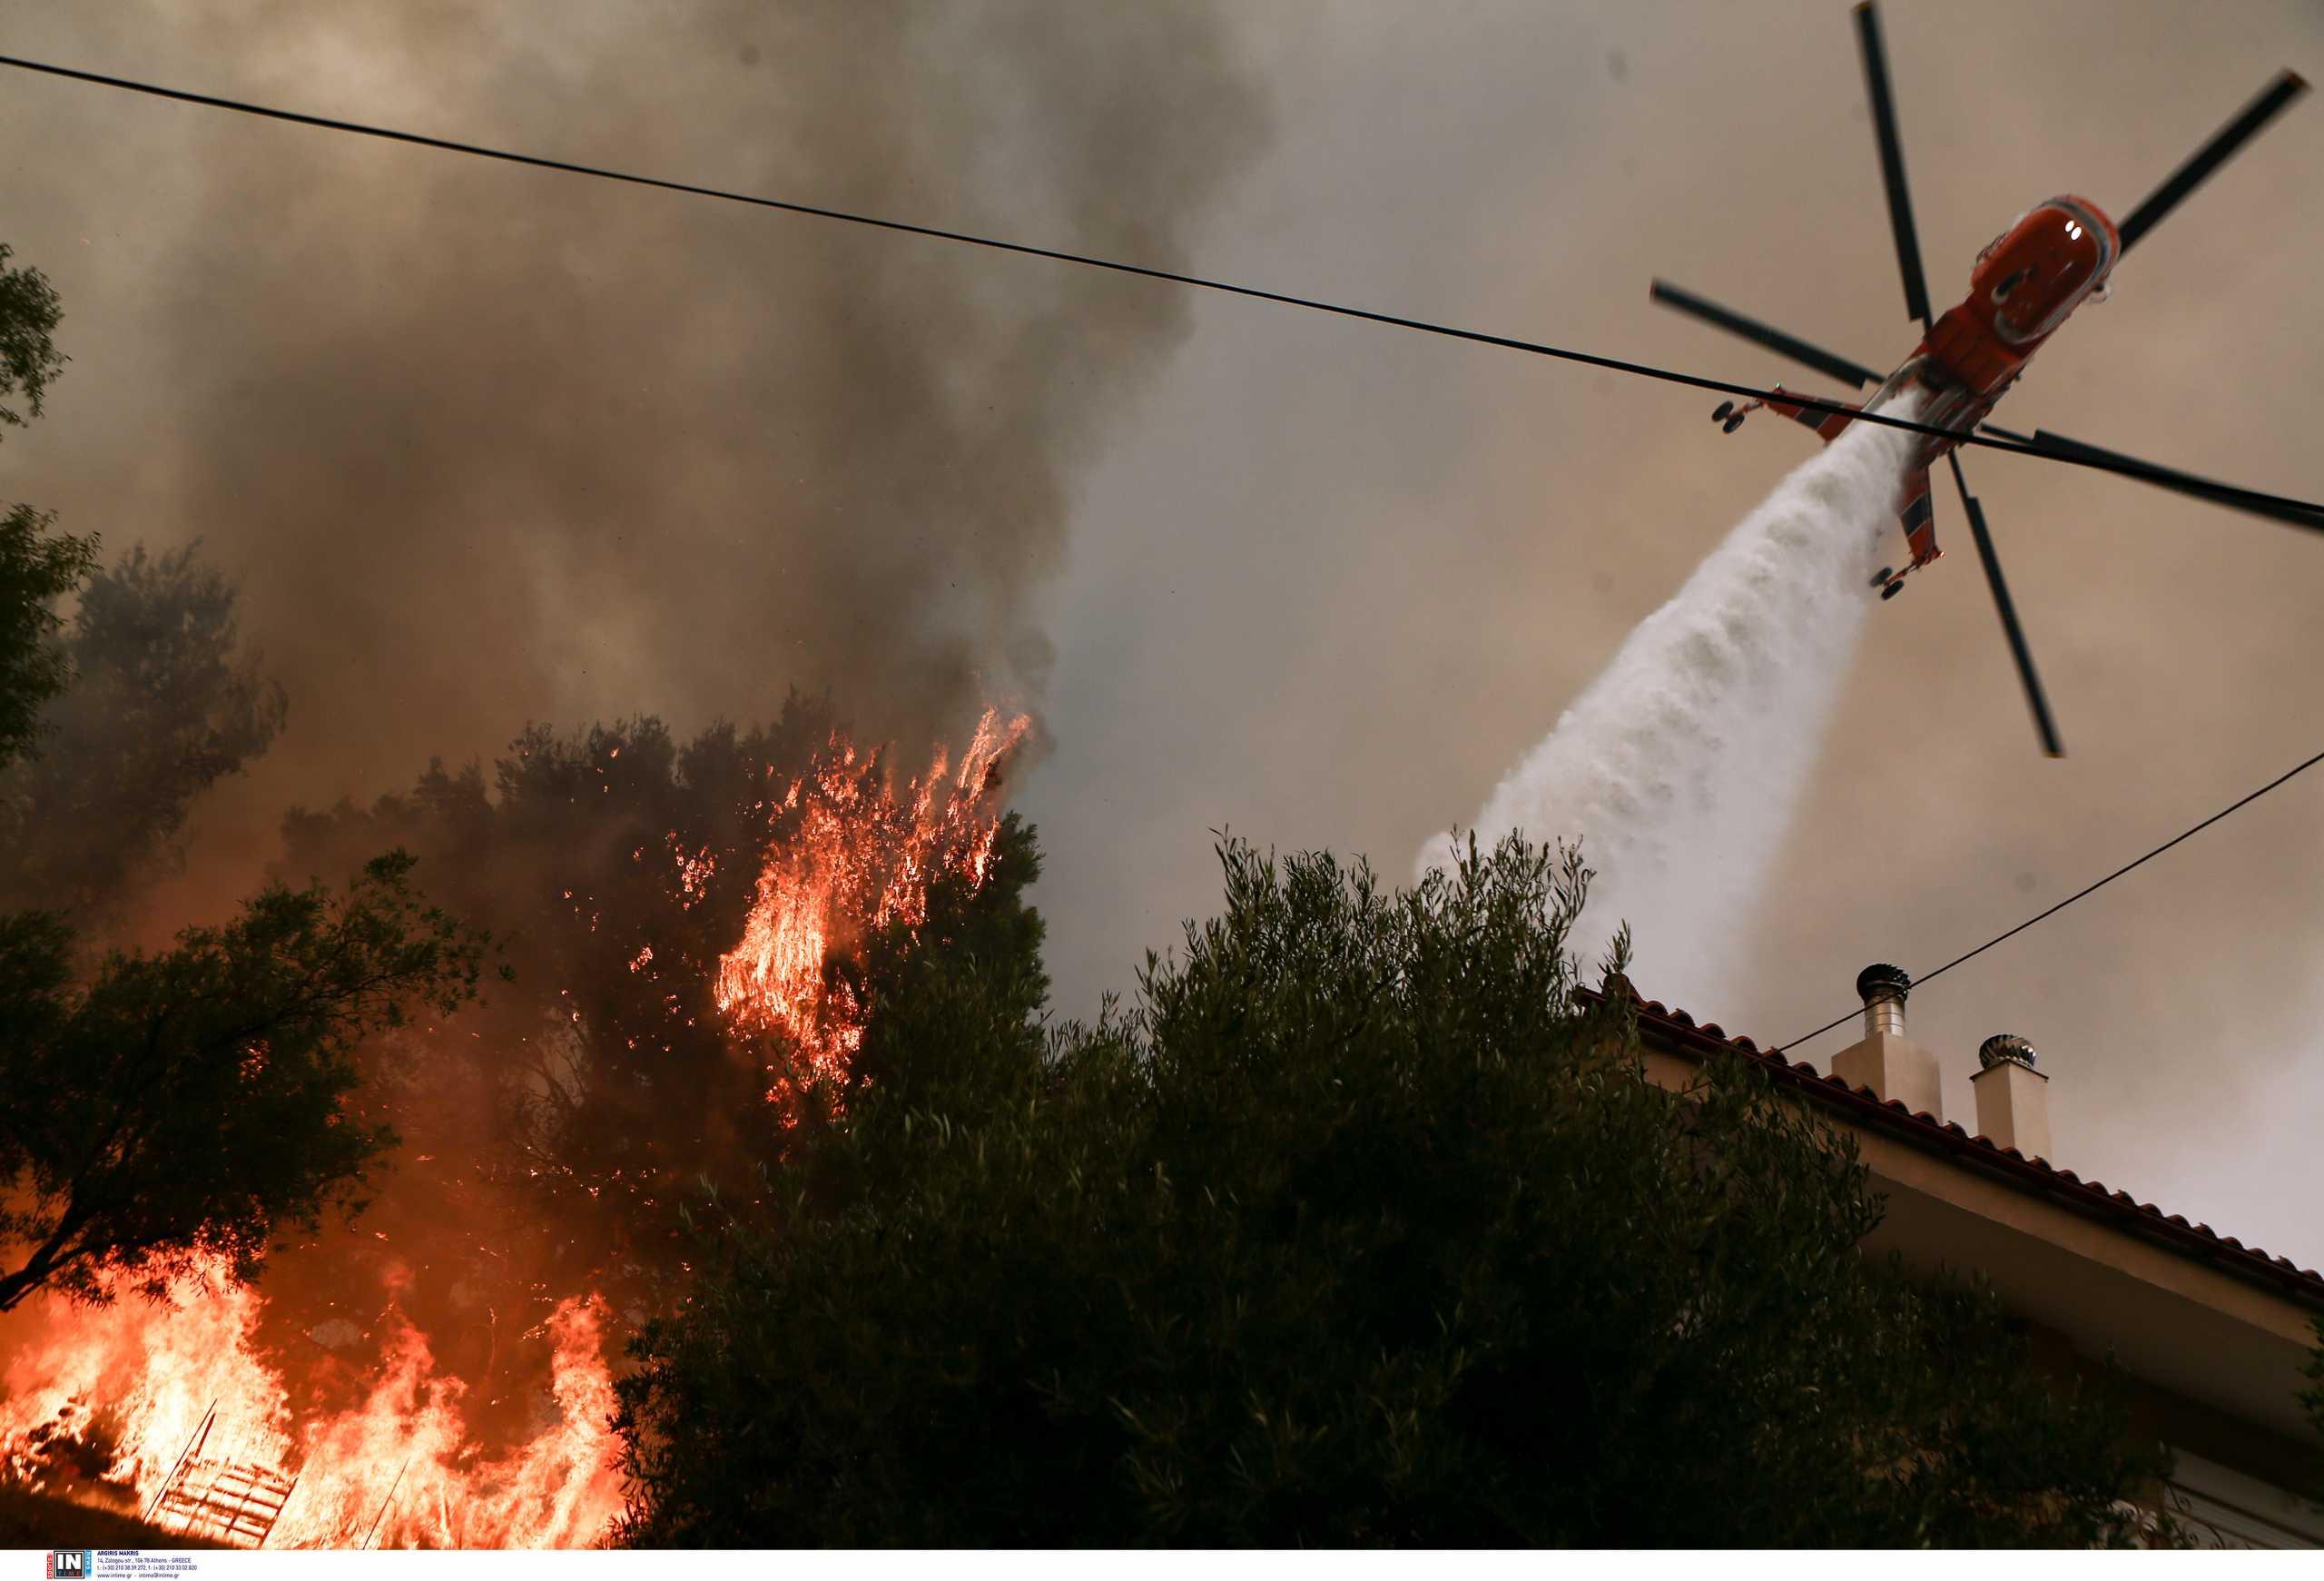 Μάχη να «πιαστεί» η φωτιά της Αττικής καθώς δυναμώνει ο αέρας – Πού υπάρχουν ενεργά μέτωπα